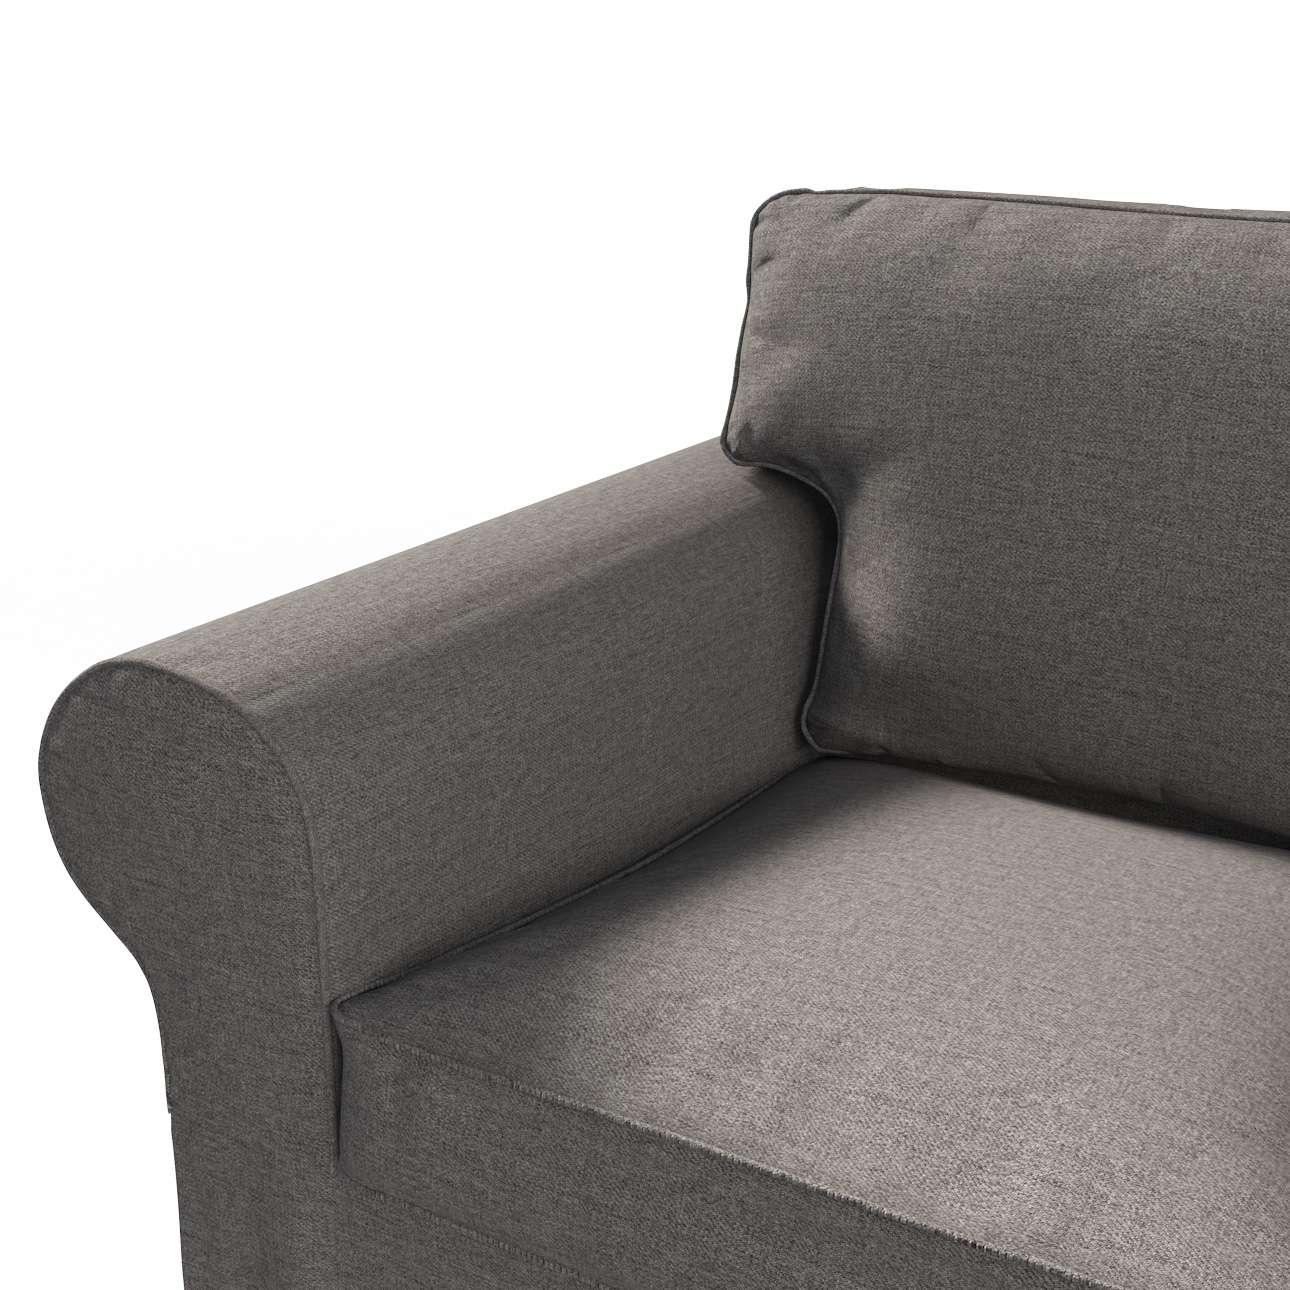 Potah na pohovku IKEA Ektorp 2-místná rozkládací  NOVÝ MODEL od 2012 Ektorp 2012 v kolekci Edinburgh, látka: 115-77